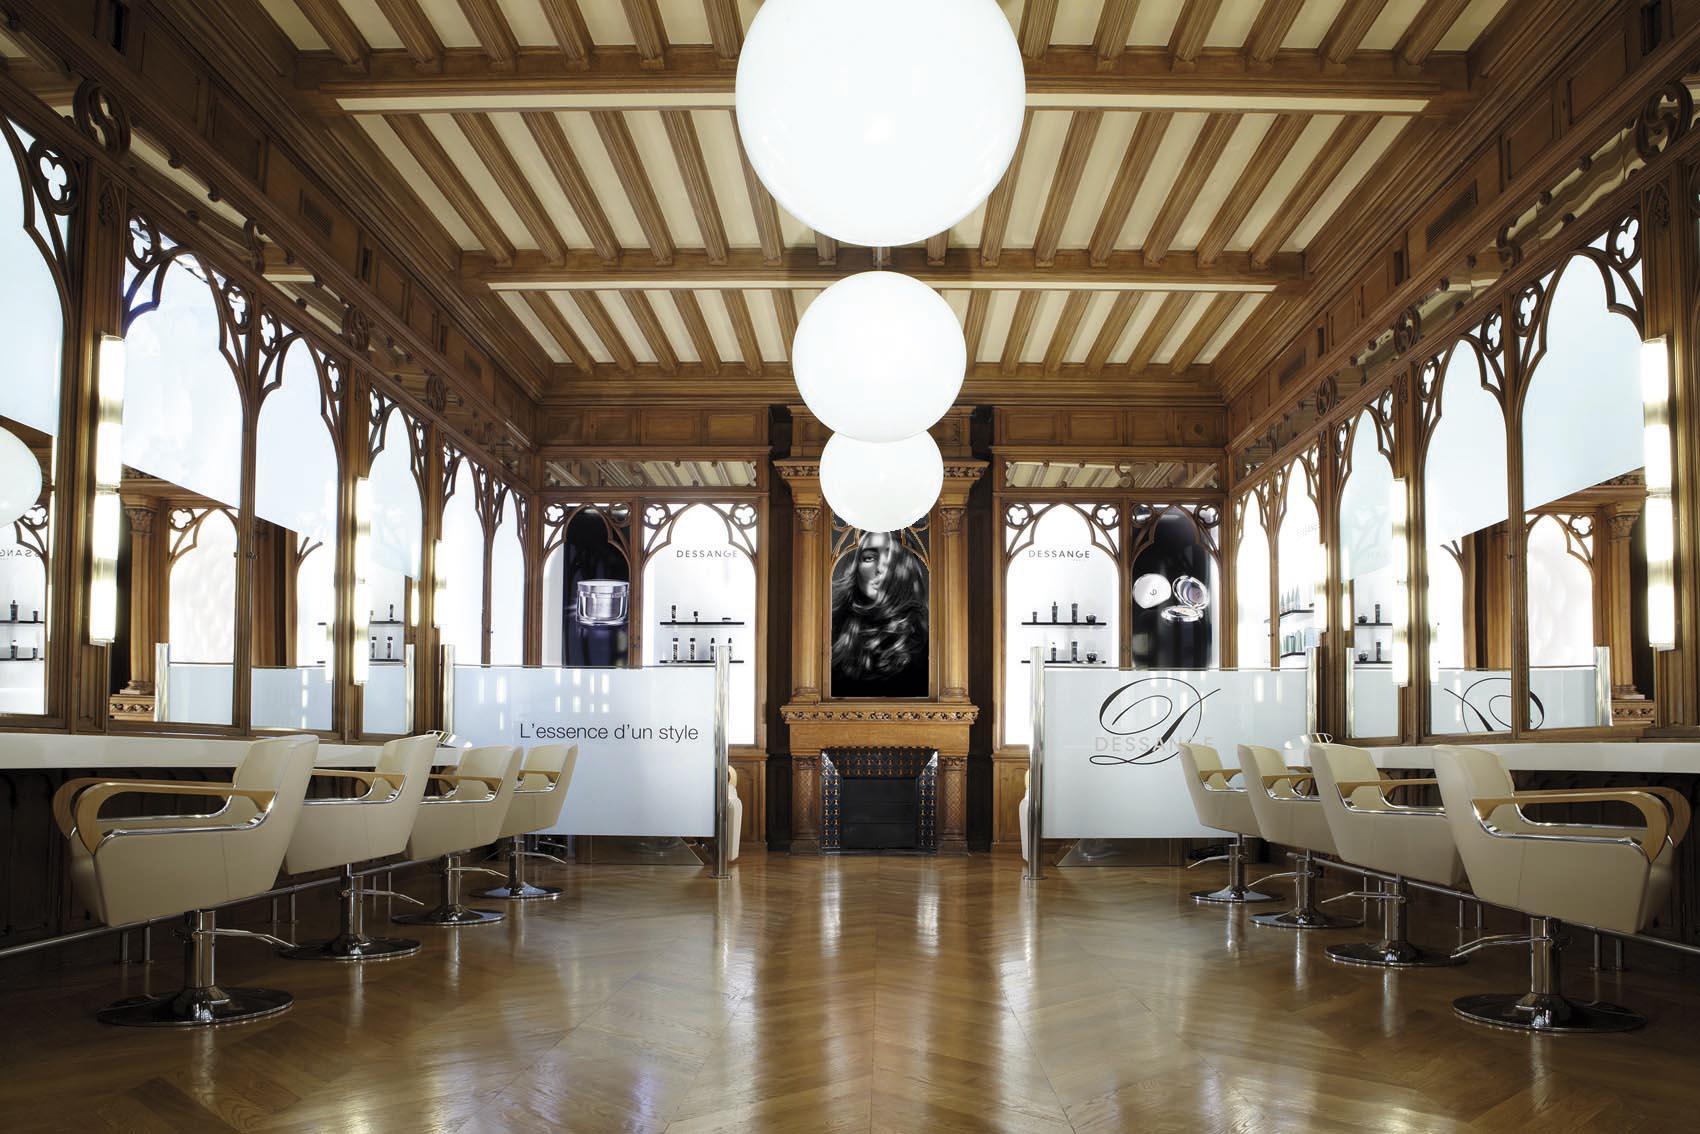 Salon de coiffure Espace coiffure - DESSANGE PARIS ELYSEES